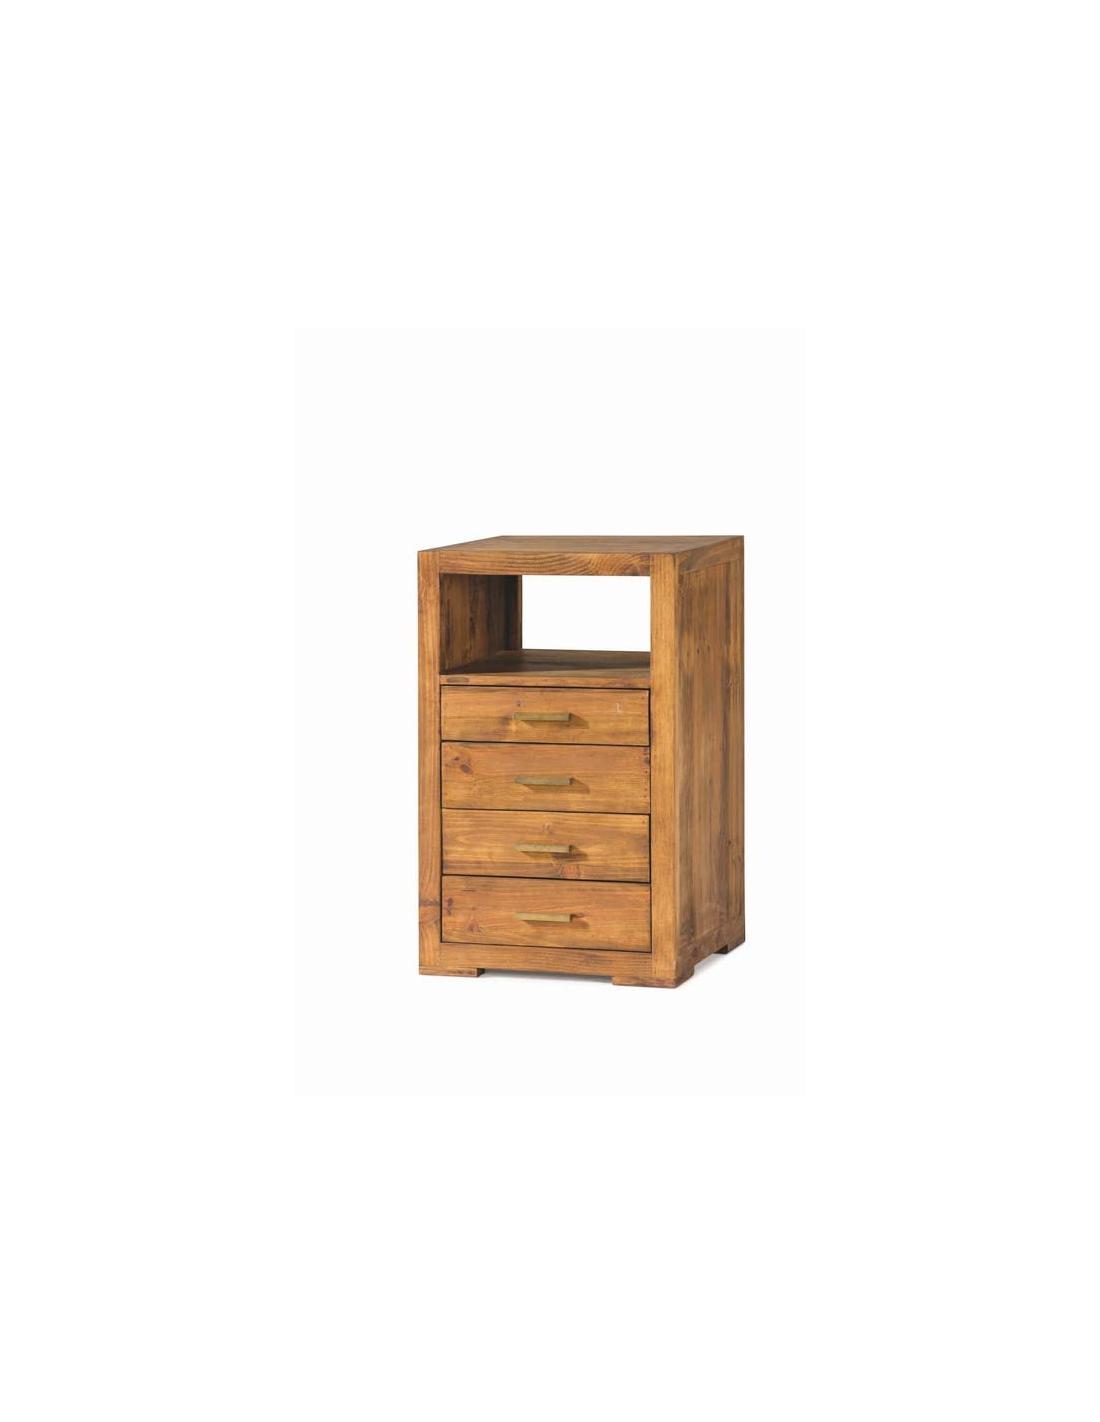 Comprar mueble auxiliar estilo rustico madera con cajones - Muebles estilo rustico ...